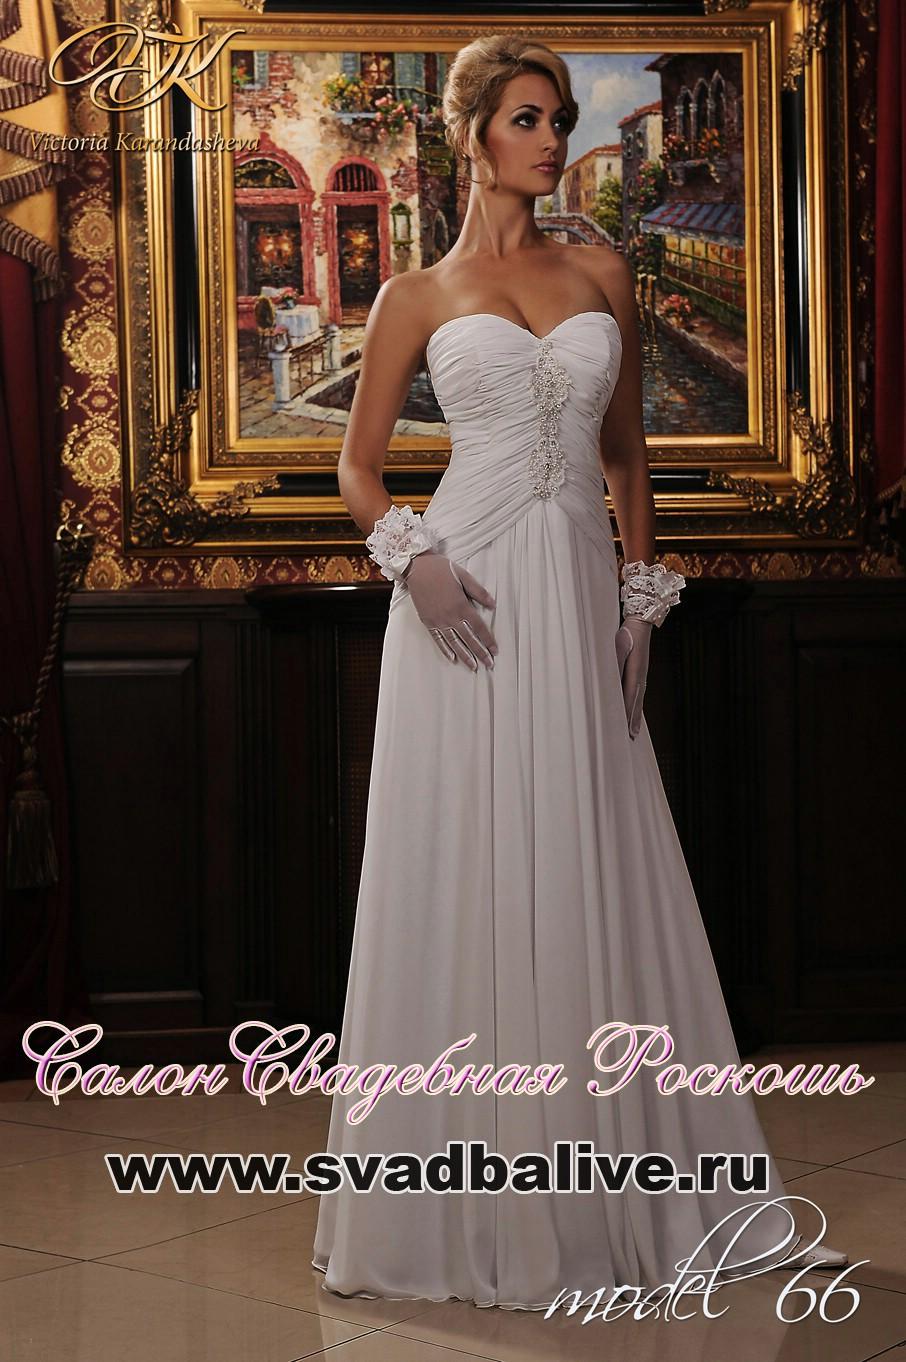 Свадебные платья энгельс каталог и цены